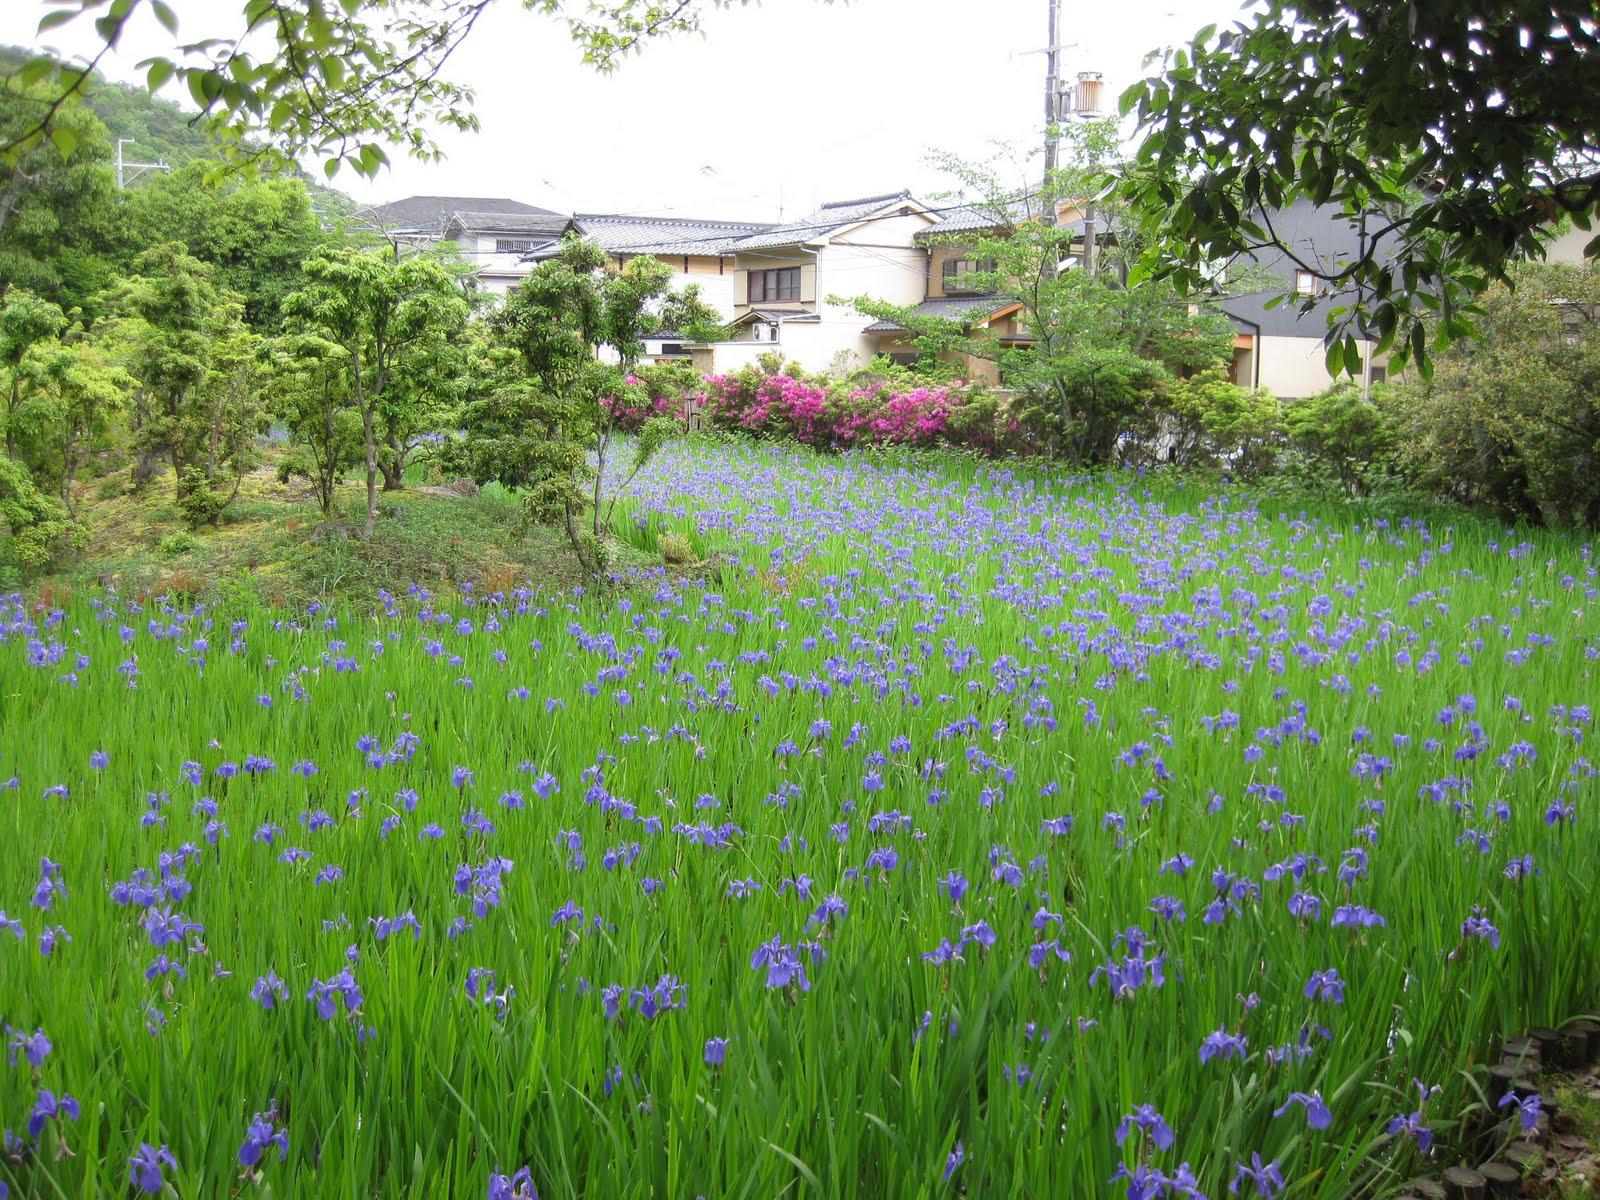 Kyoto style un piccolo stagno pieno di iris for Piccolo stagno